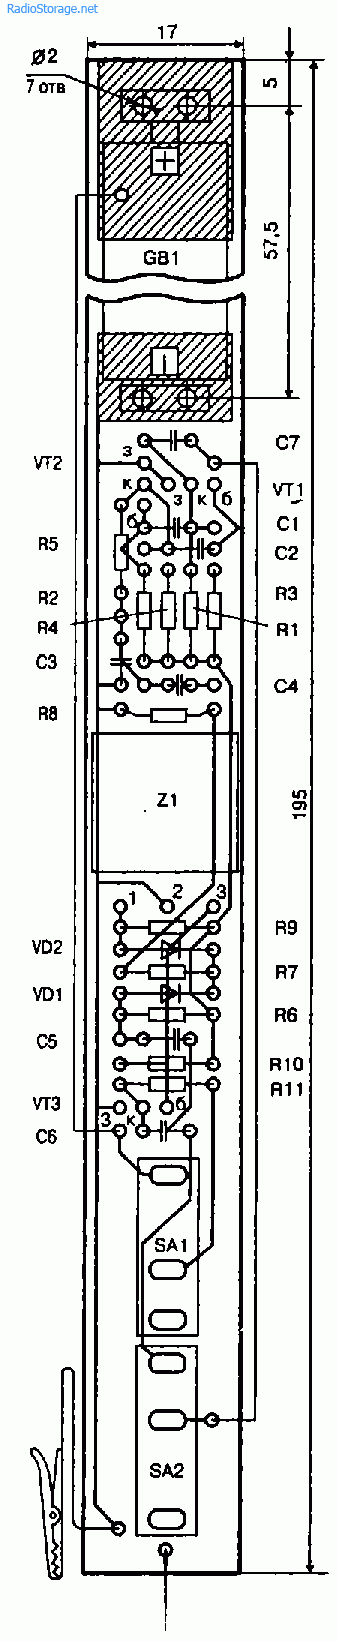 Печатная плата и монтаж на ней деталей генератора-пробника с использованием  пьезофильтра